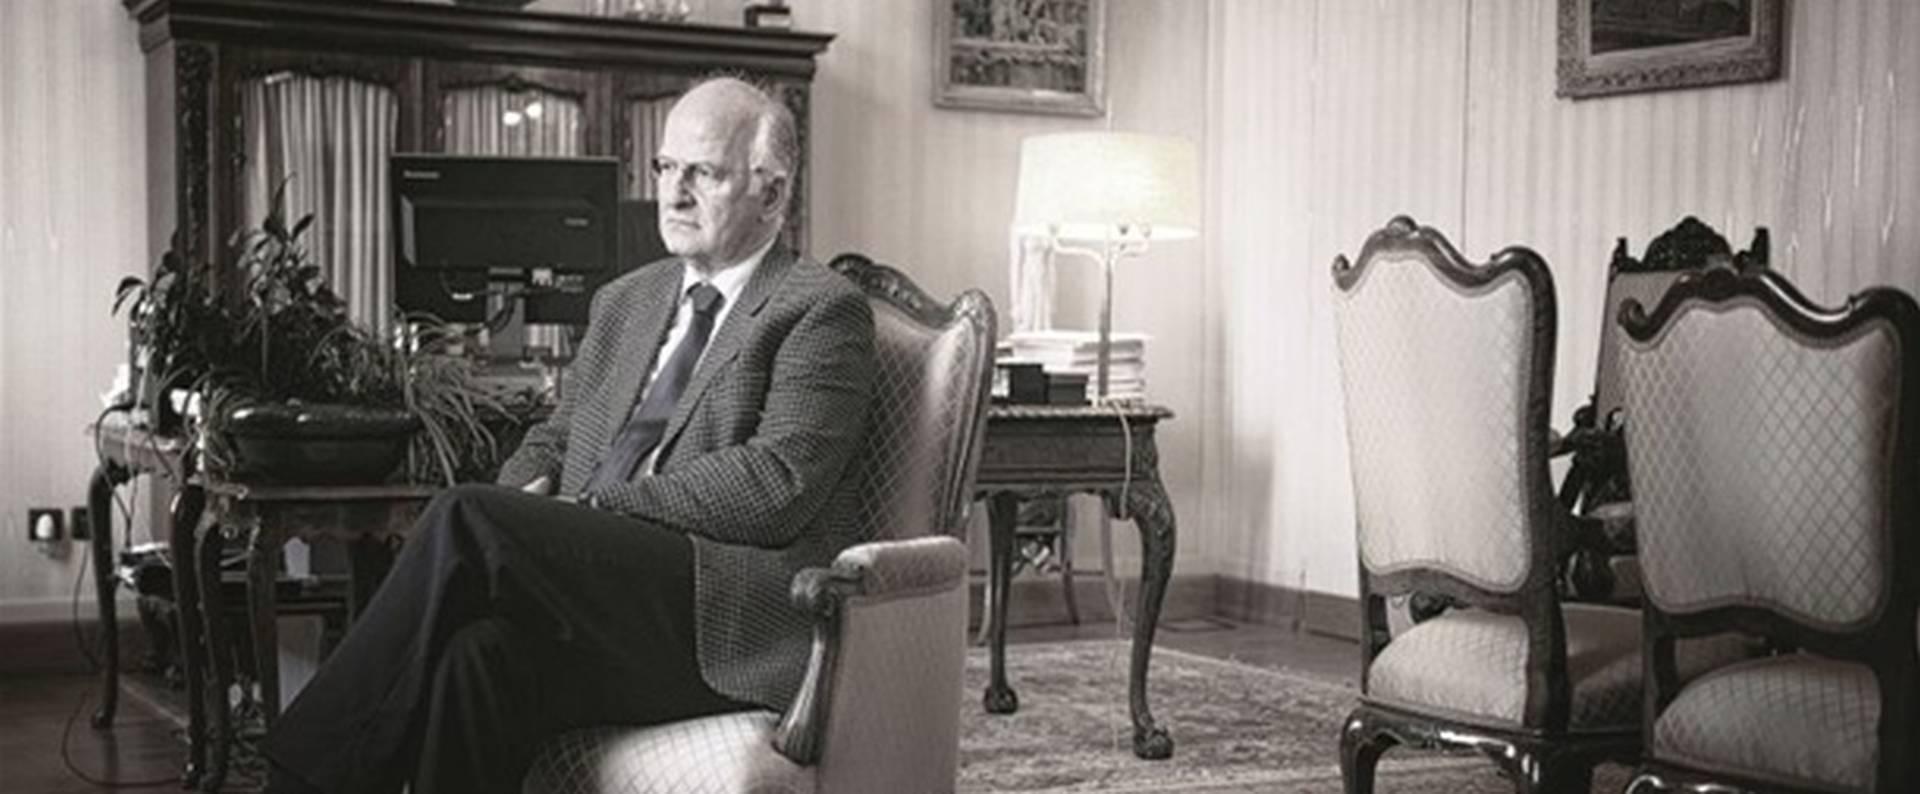 """INTERVJU: JOSIP LEKO """"Da, Hrvatskoj trebaju promjene, ali može ih provesti jedino Josipović"""""""